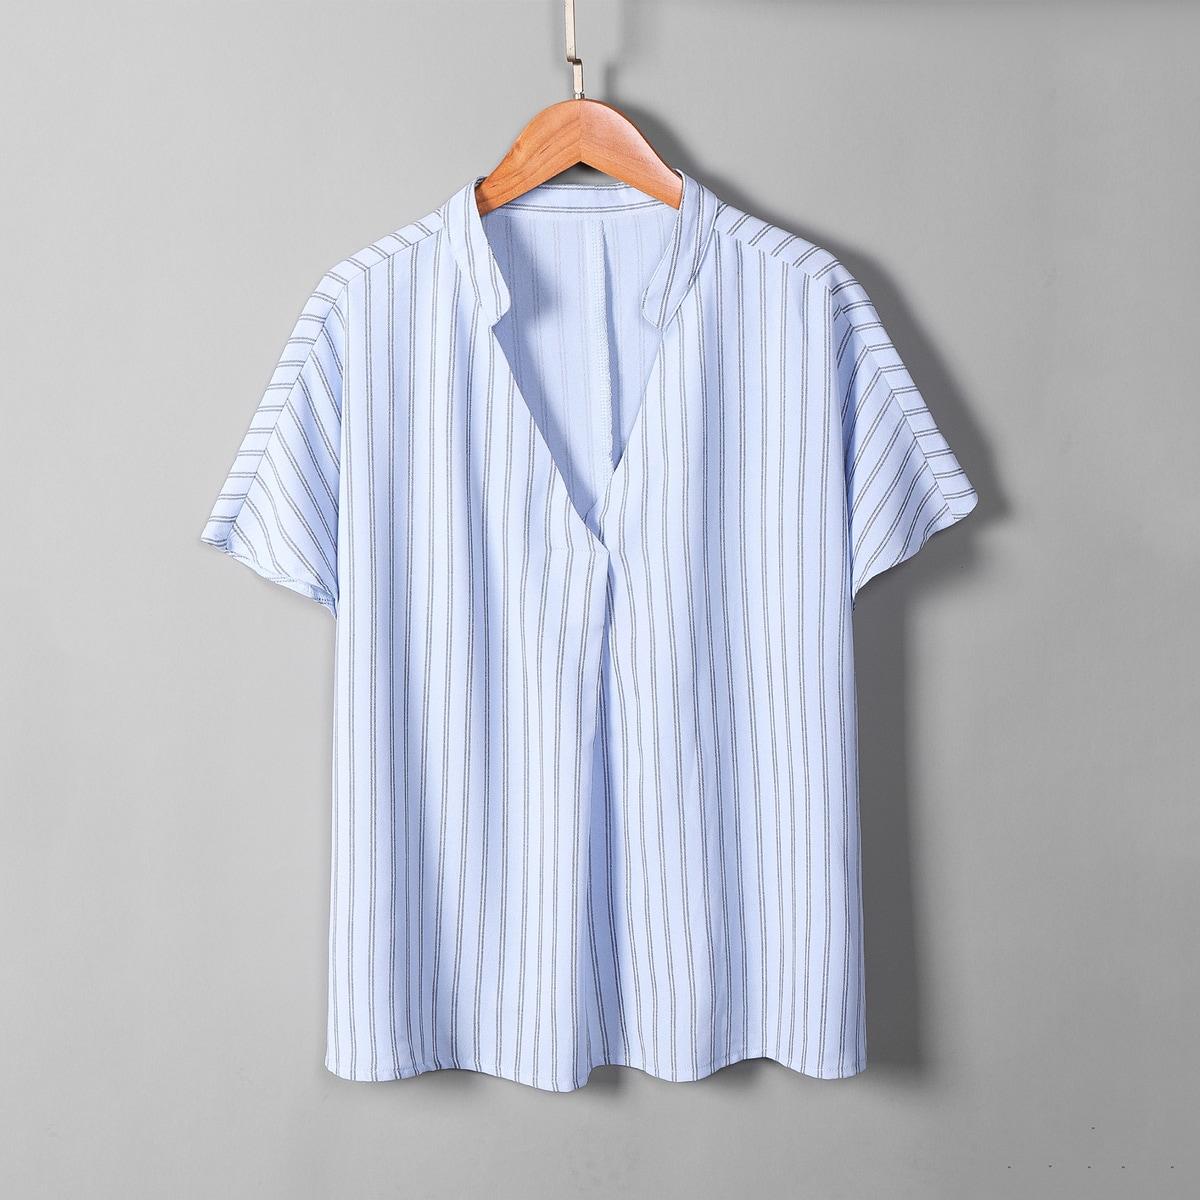 Нежно-голубой Полосатый Повседневный Блузы размер плюс фото